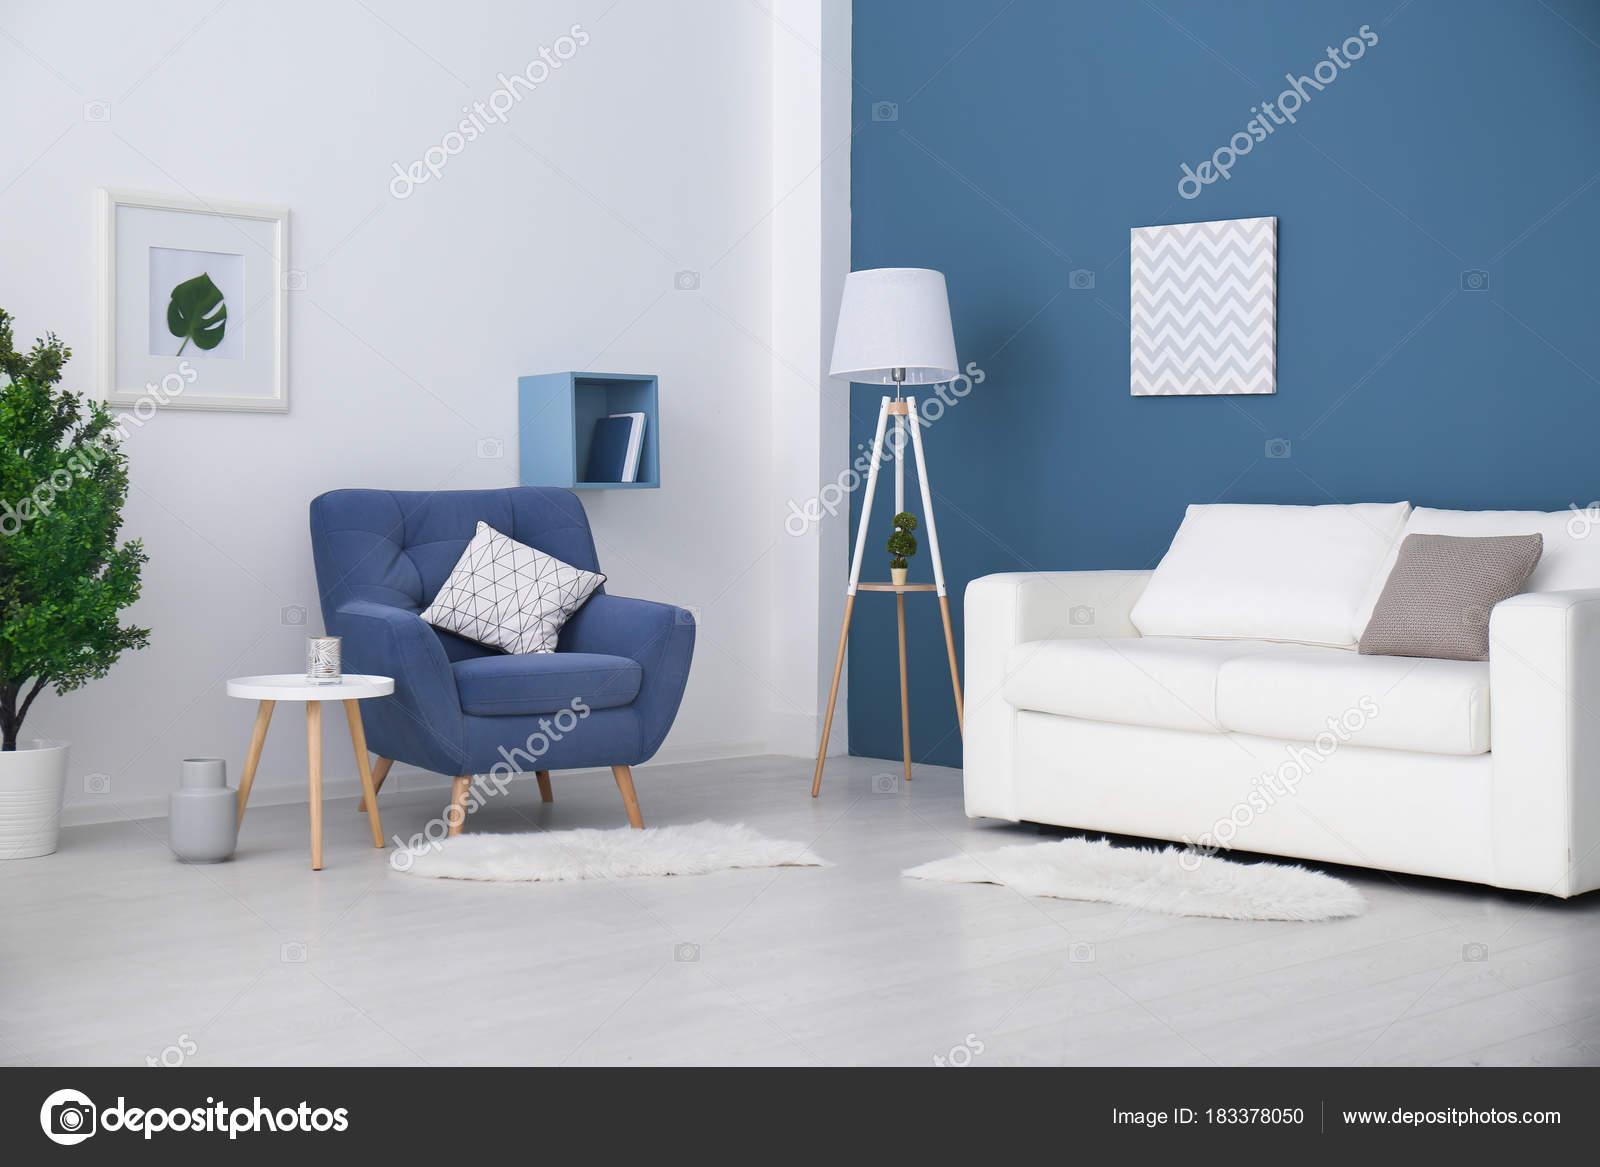 Trendige Zimmer Interieur Mit Modernen Farbe Sessel U2014 Stockfoto